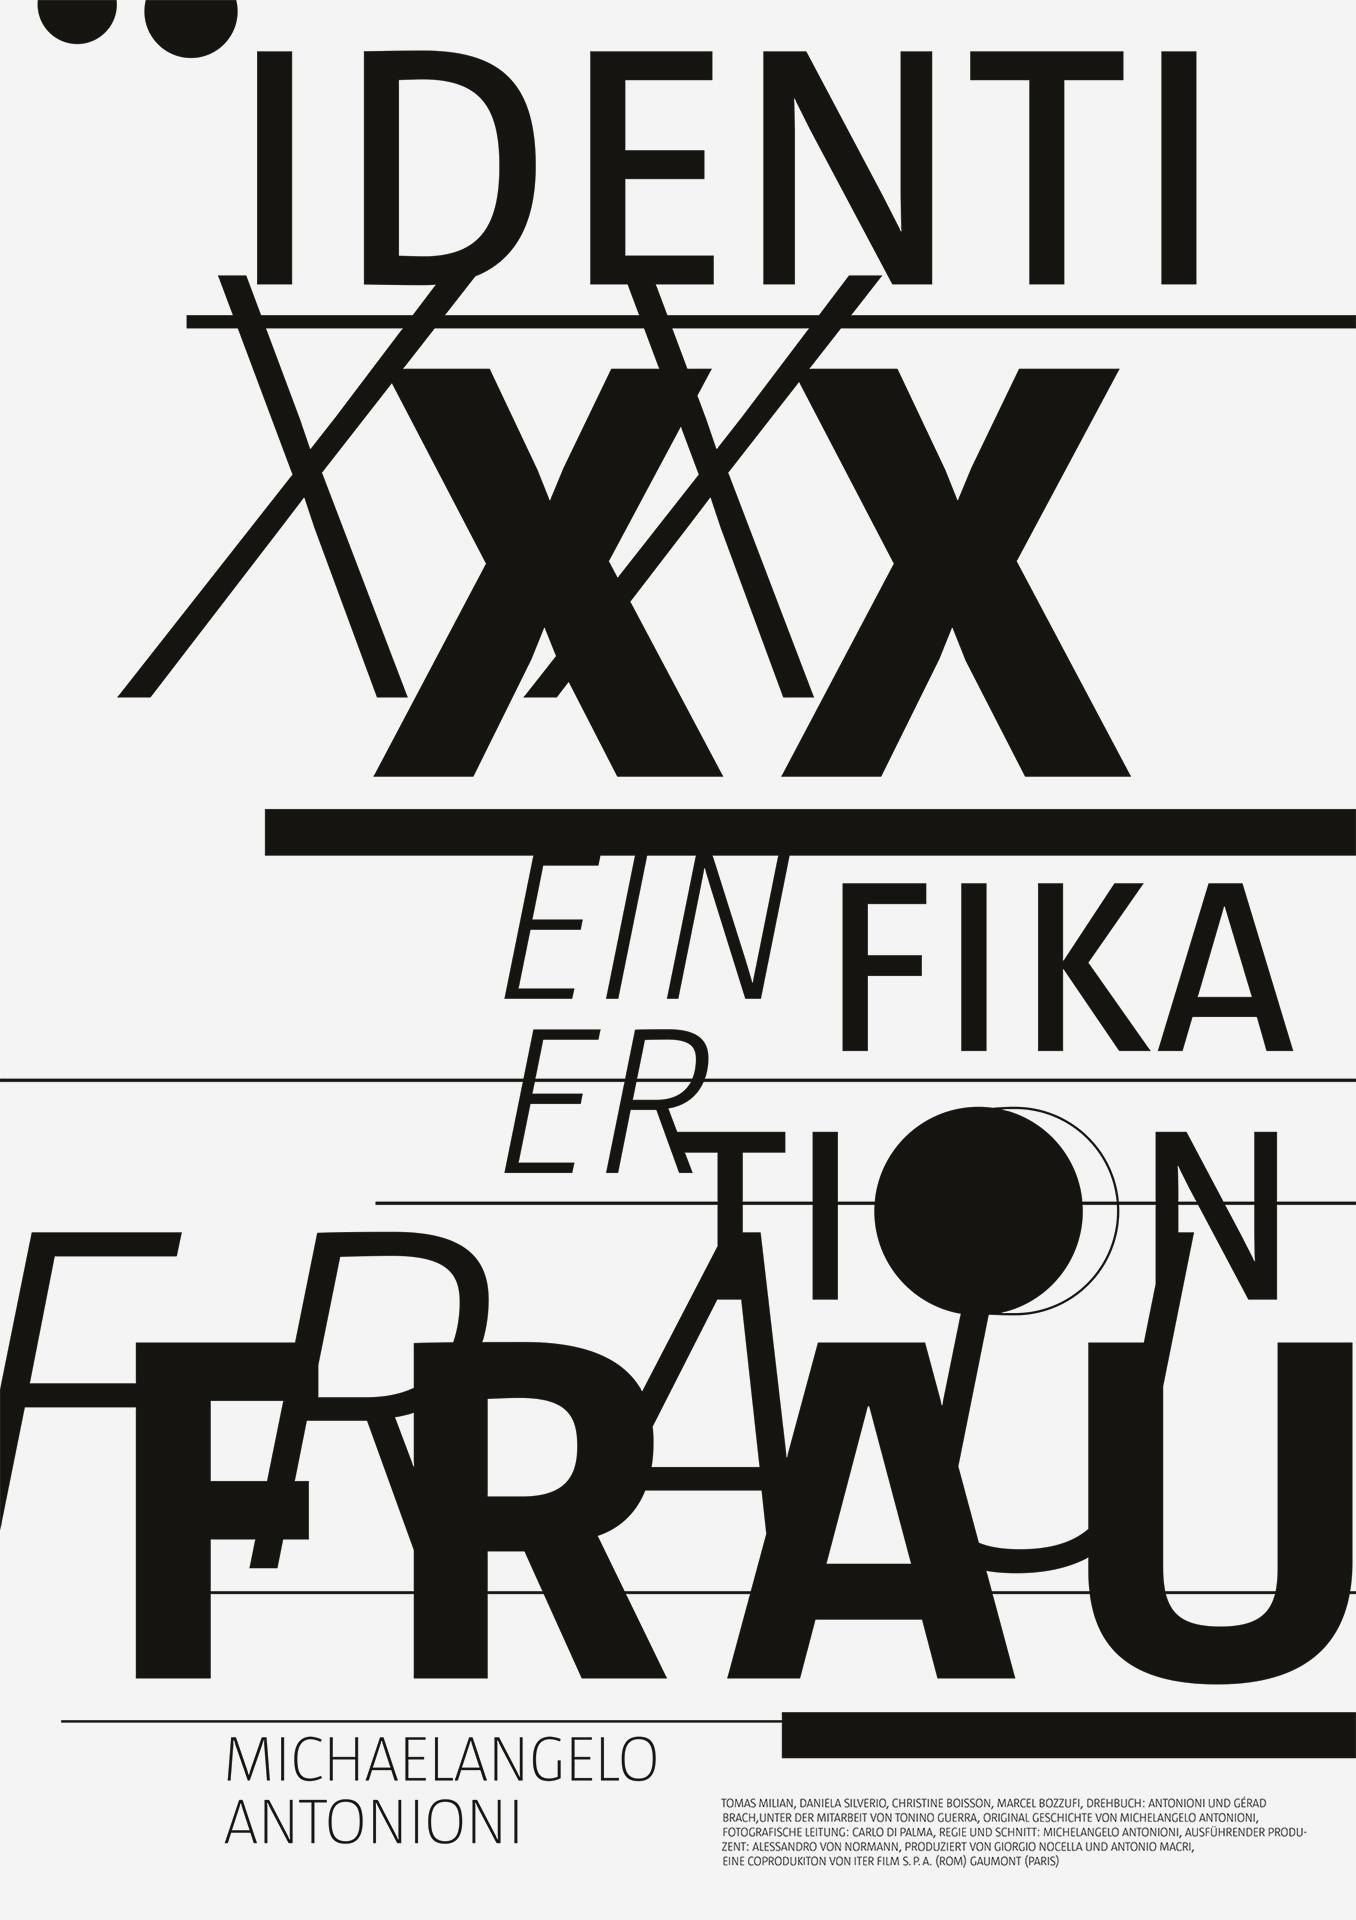 Michaelangelo Antonioni Poster neue Identität einer Frau Plakat Gestaltung schwarz weiß Filmplakat